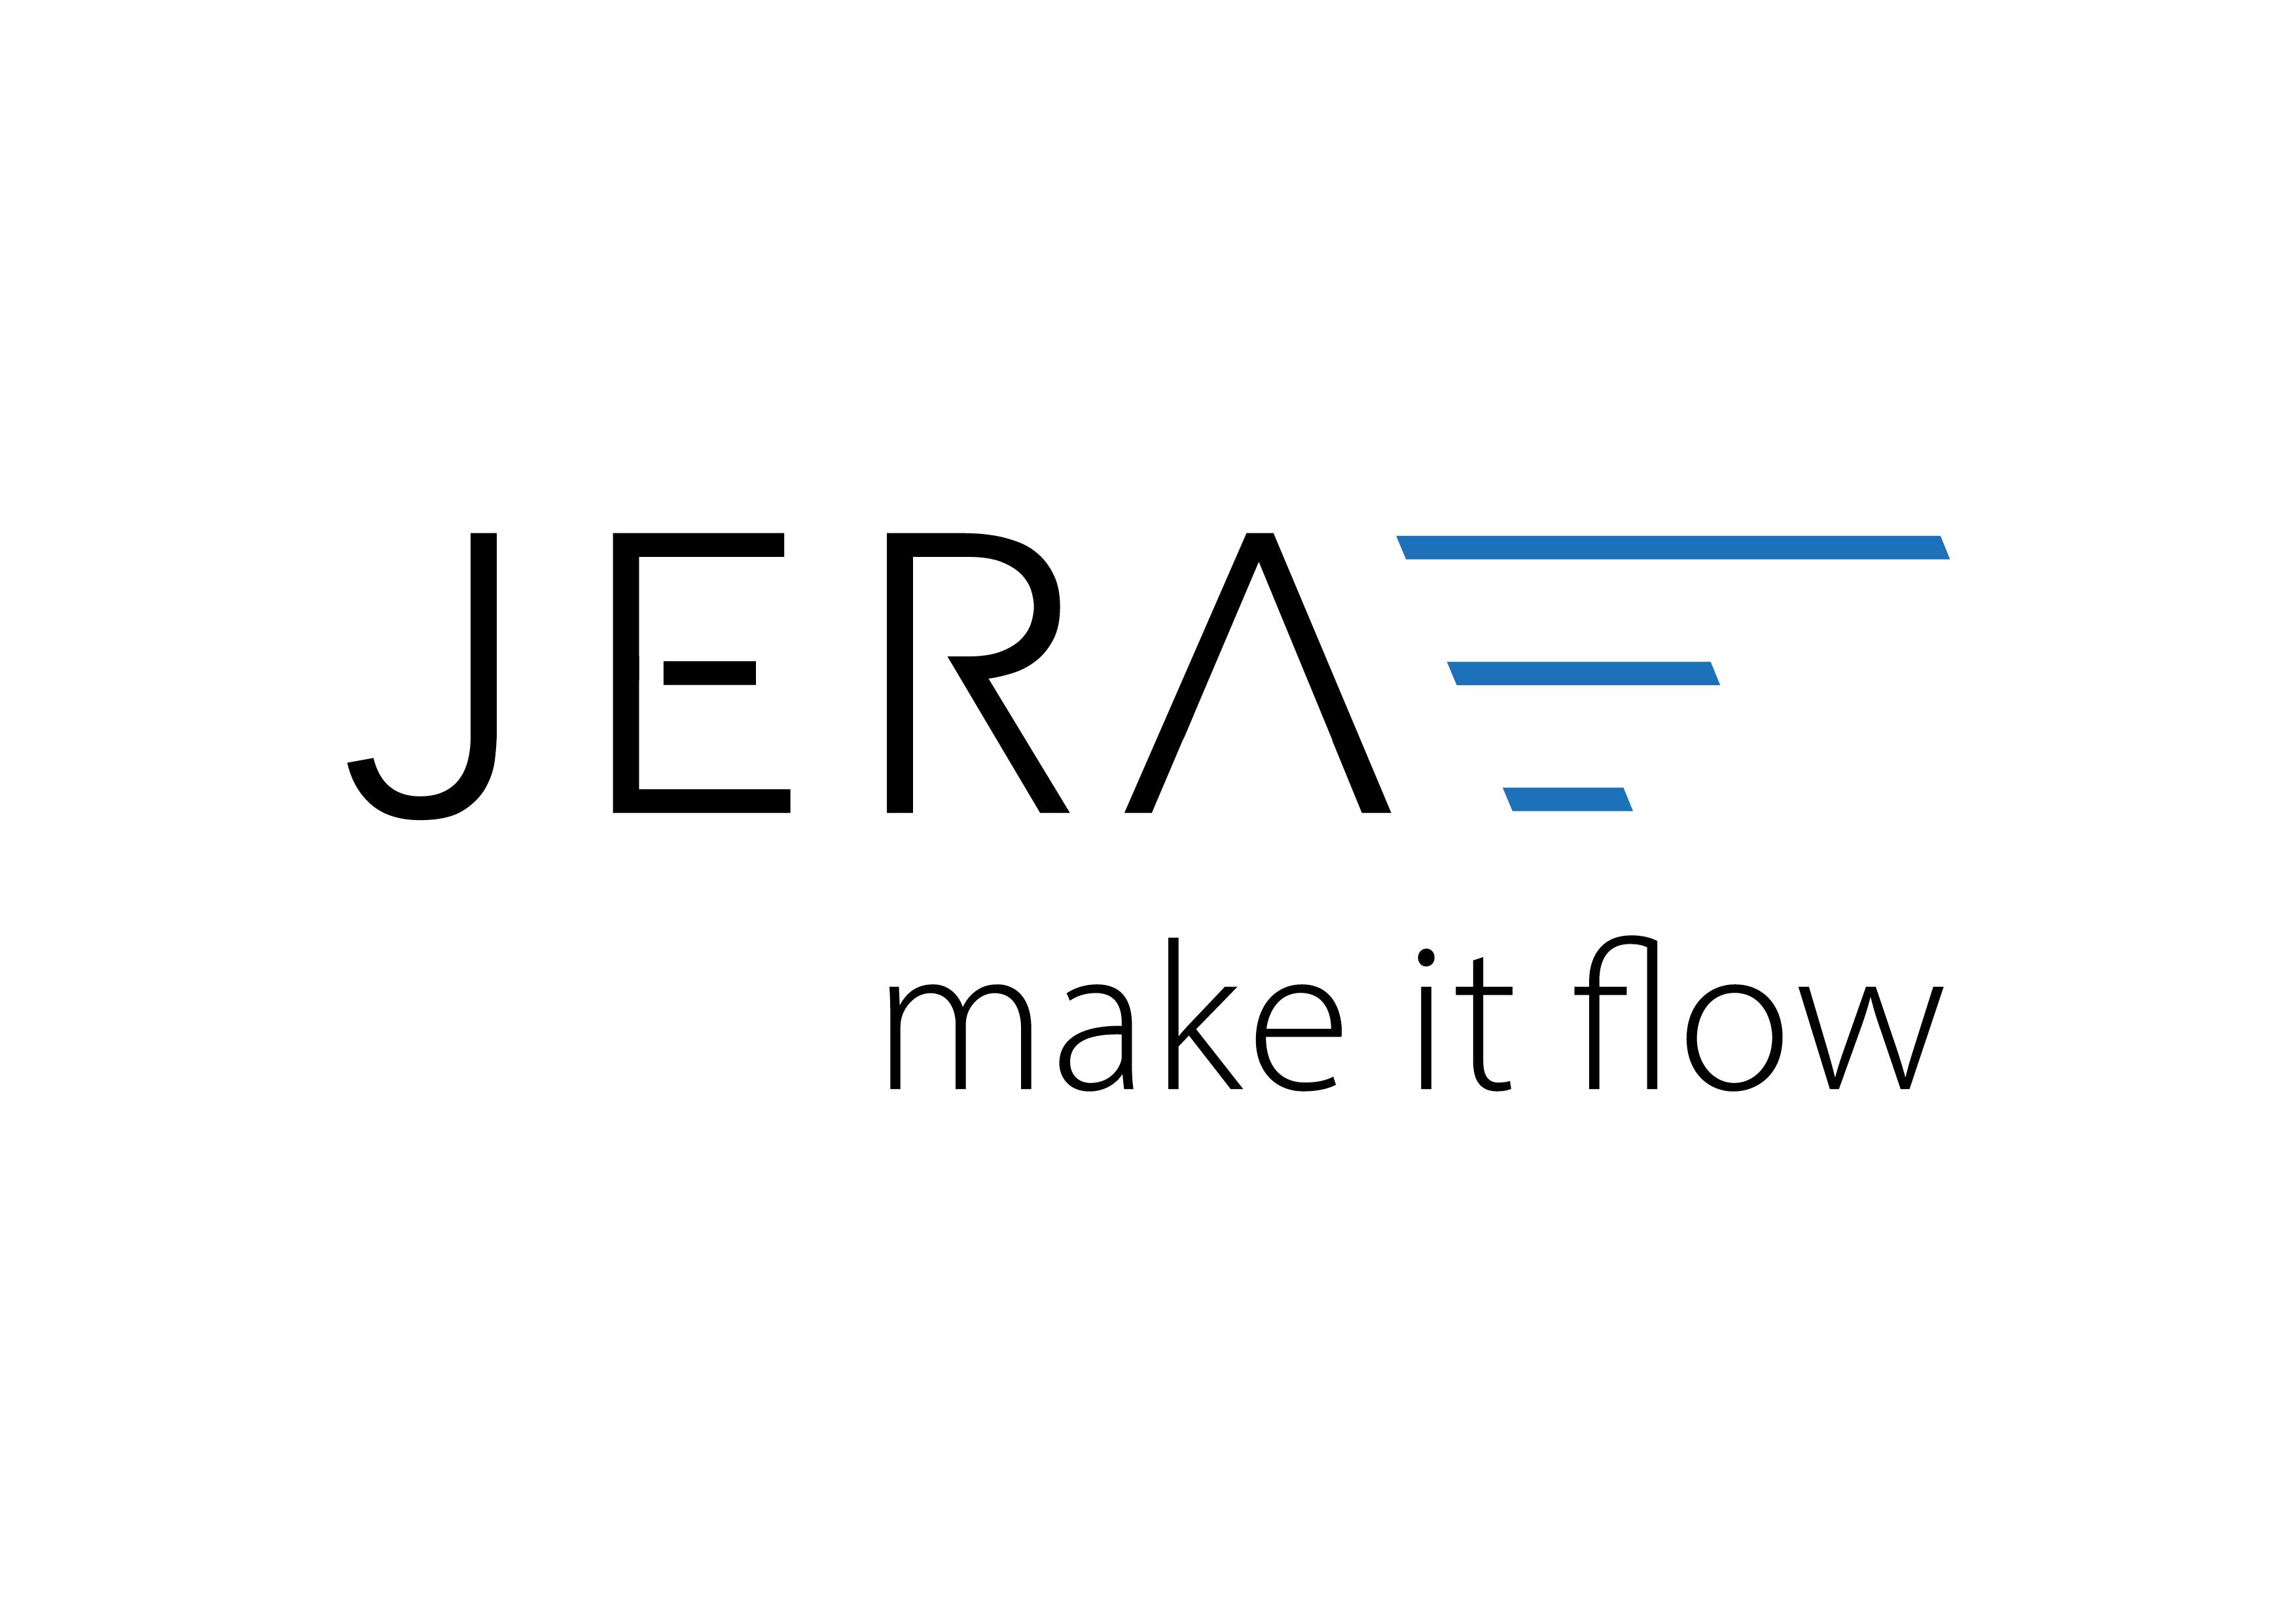 JERA GmbH